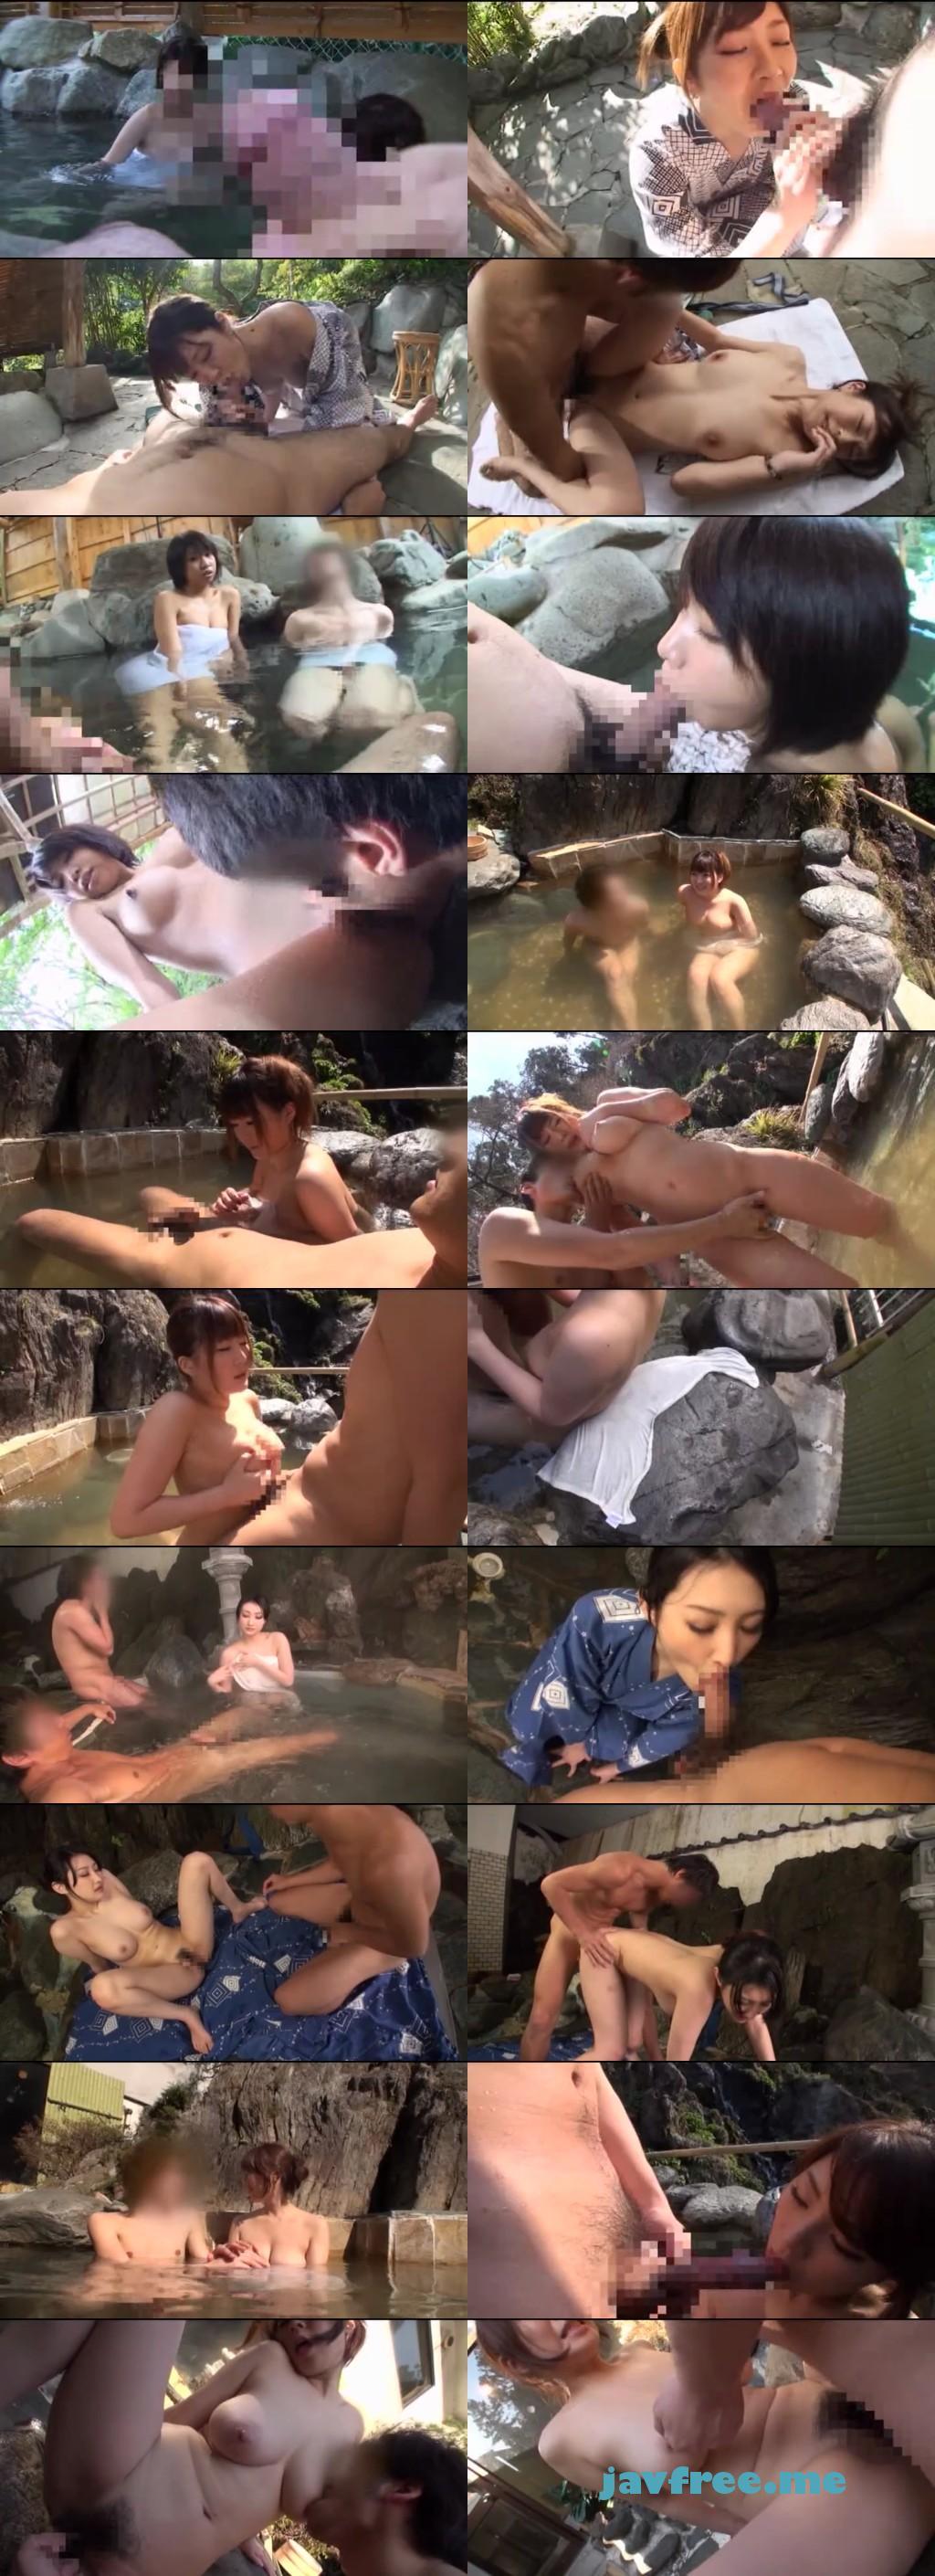 [SCOP-081] 混浴風呂に入浴しているカップルの女の前で俺のデカチンを見せつけたら彼女の視線がくぎ付けに!彼氏には内緒でこっそりヤッちゃいました!! - image SCOP-081 on https://javfree.me